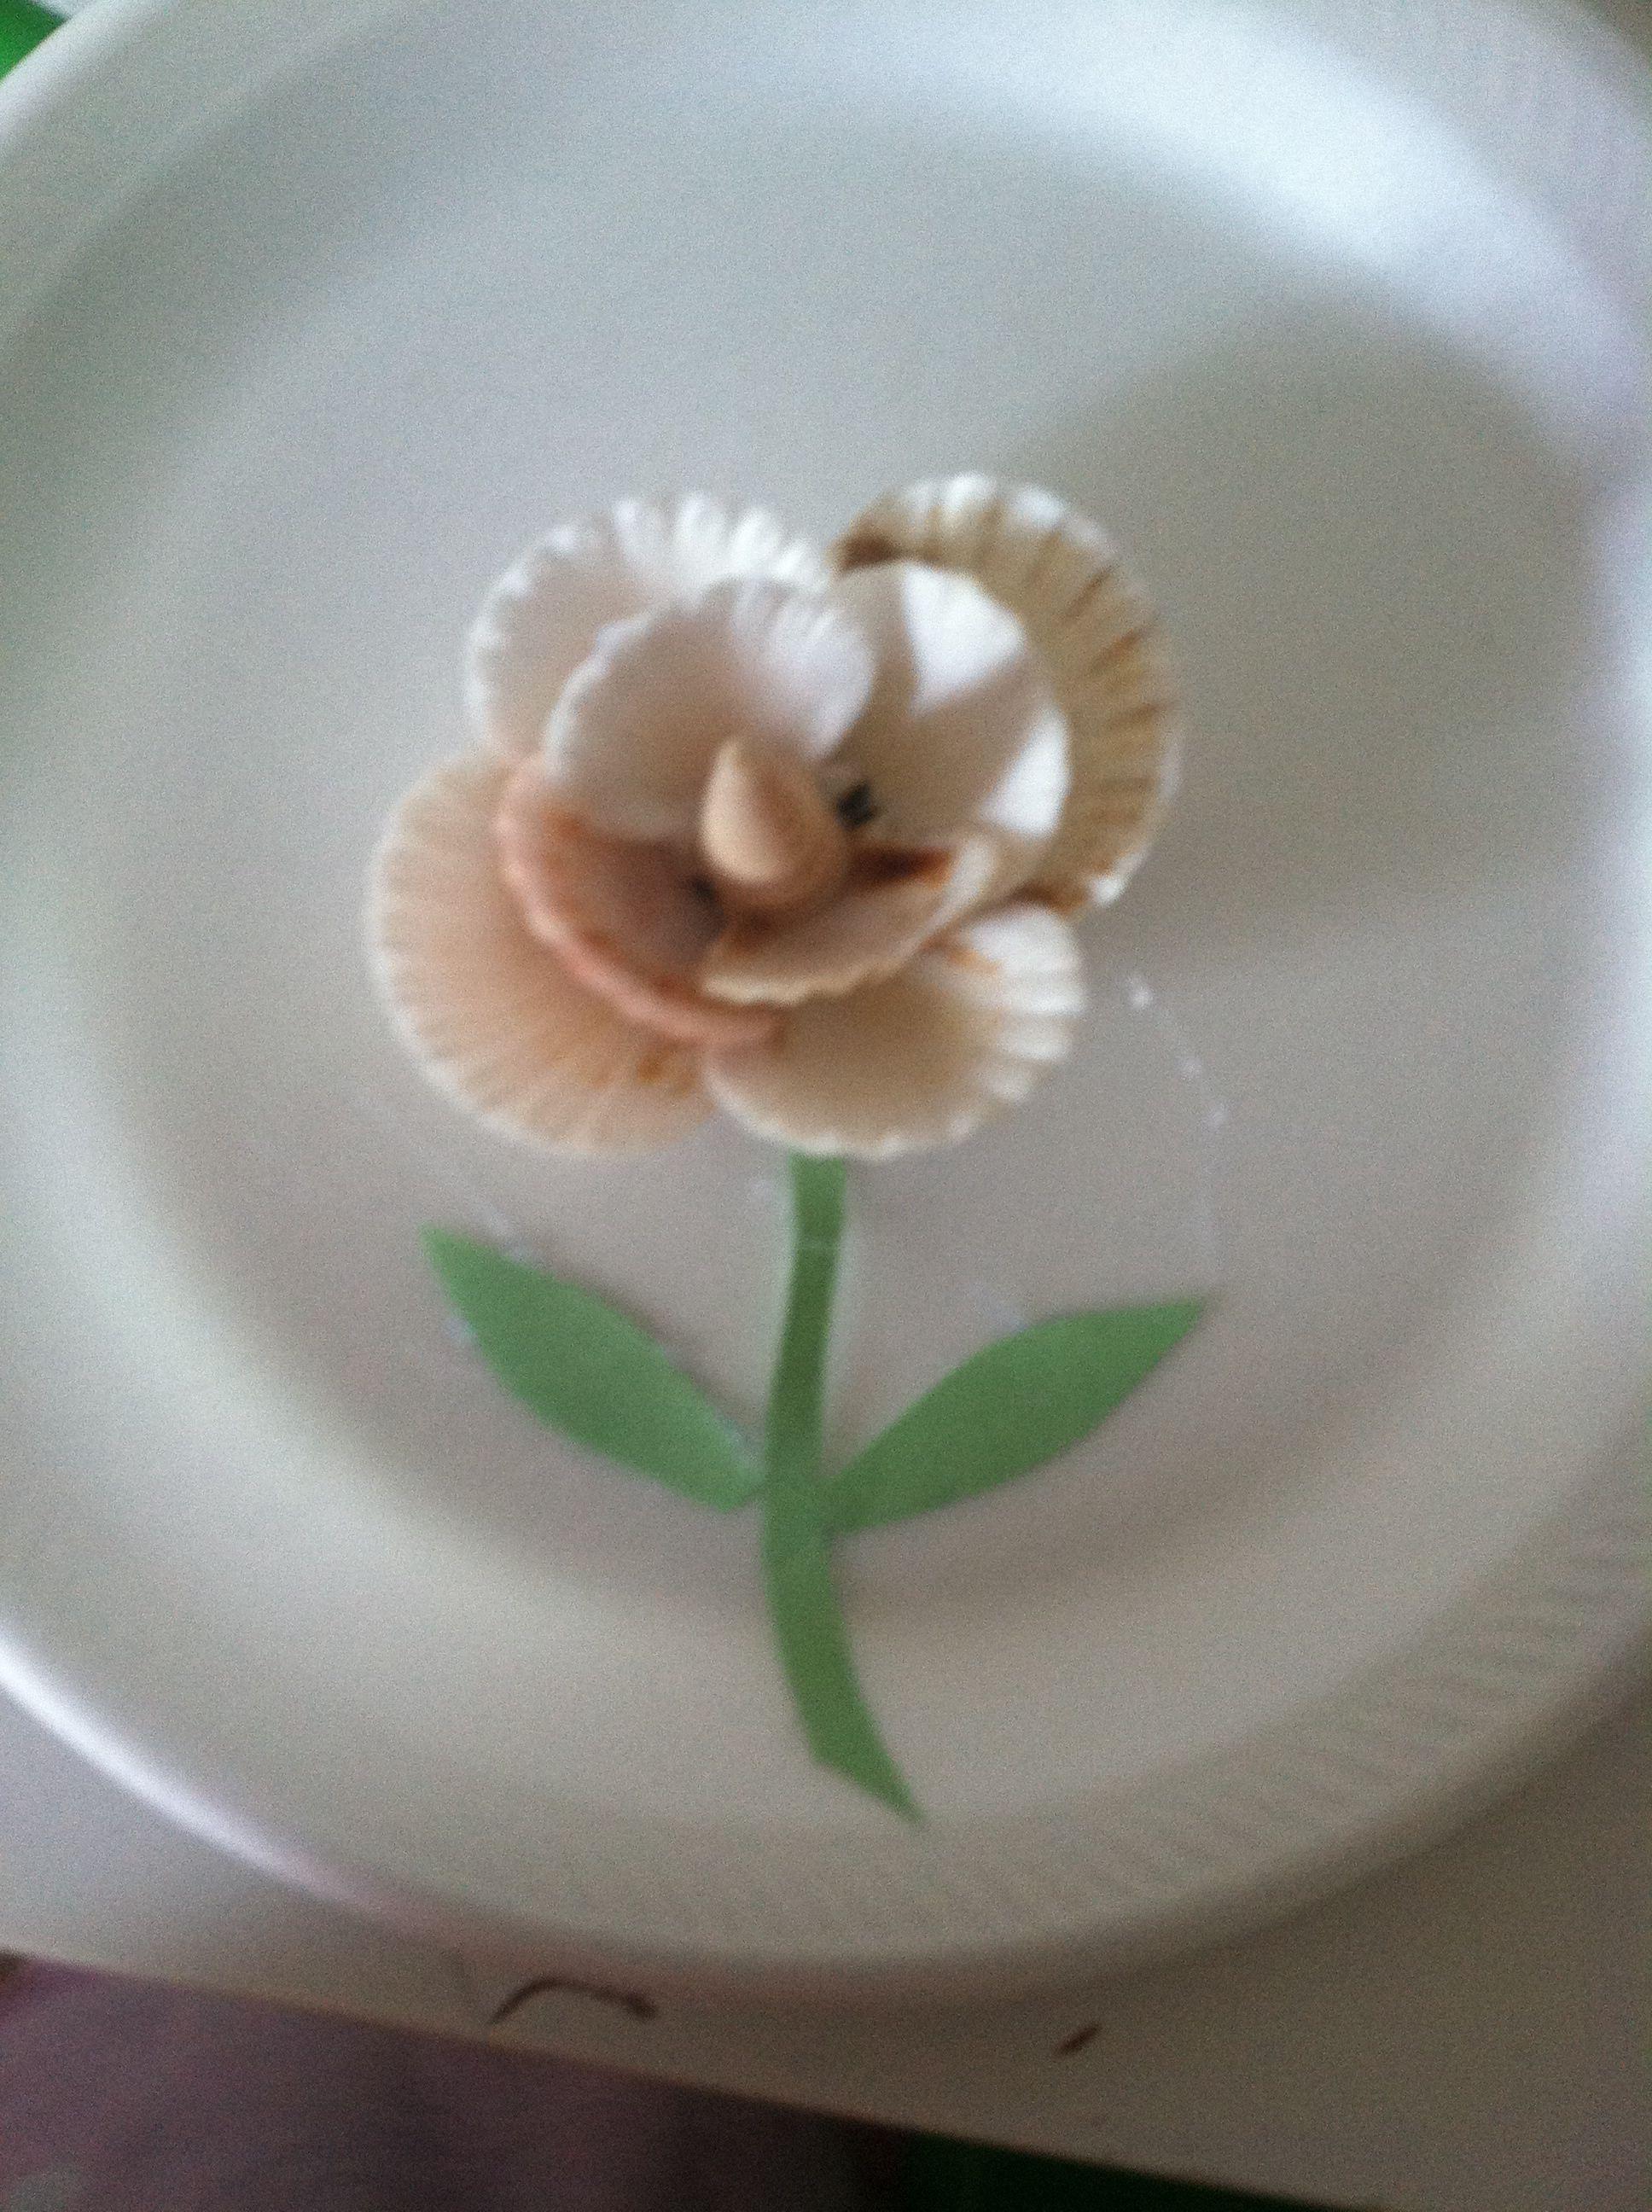 Flor Hecha Con Conchas De Mar Manualidades Pinterest Shells - Fotos-de-conchas-de-mar